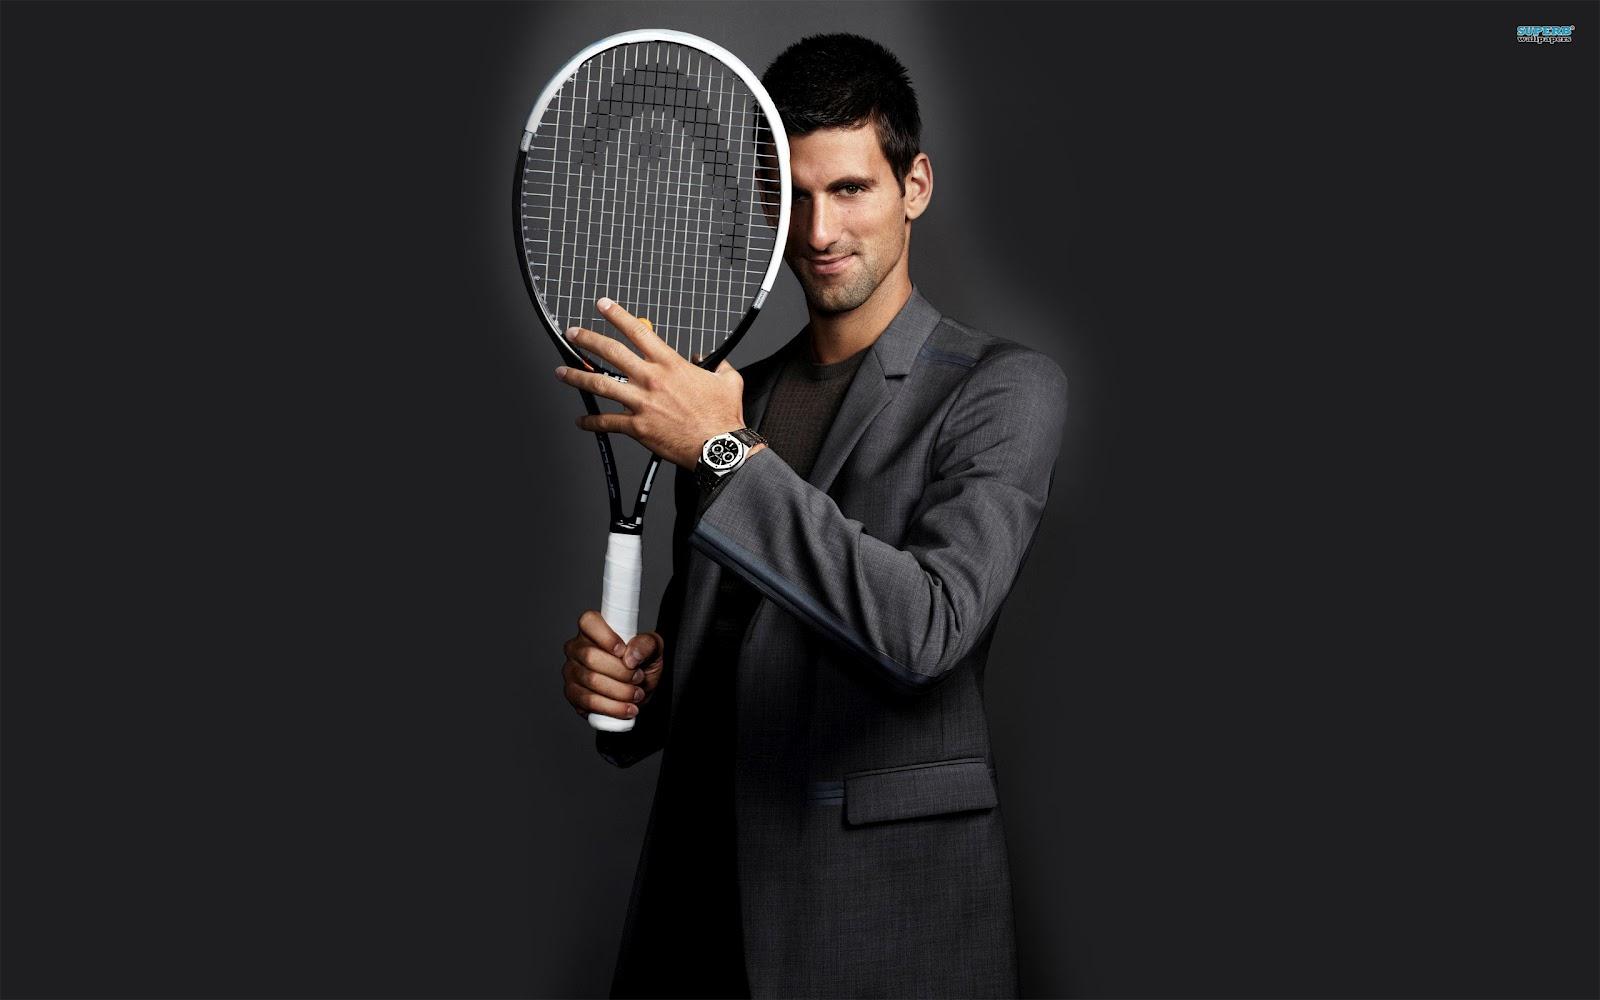 http://2.bp.blogspot.com/-N_V6y84w-1E/TzeFFfr4DvI/AAAAAAAAFrg/HAKuenhBcas/s1600/novak-djokovic-tennis-wallpapers.jpg